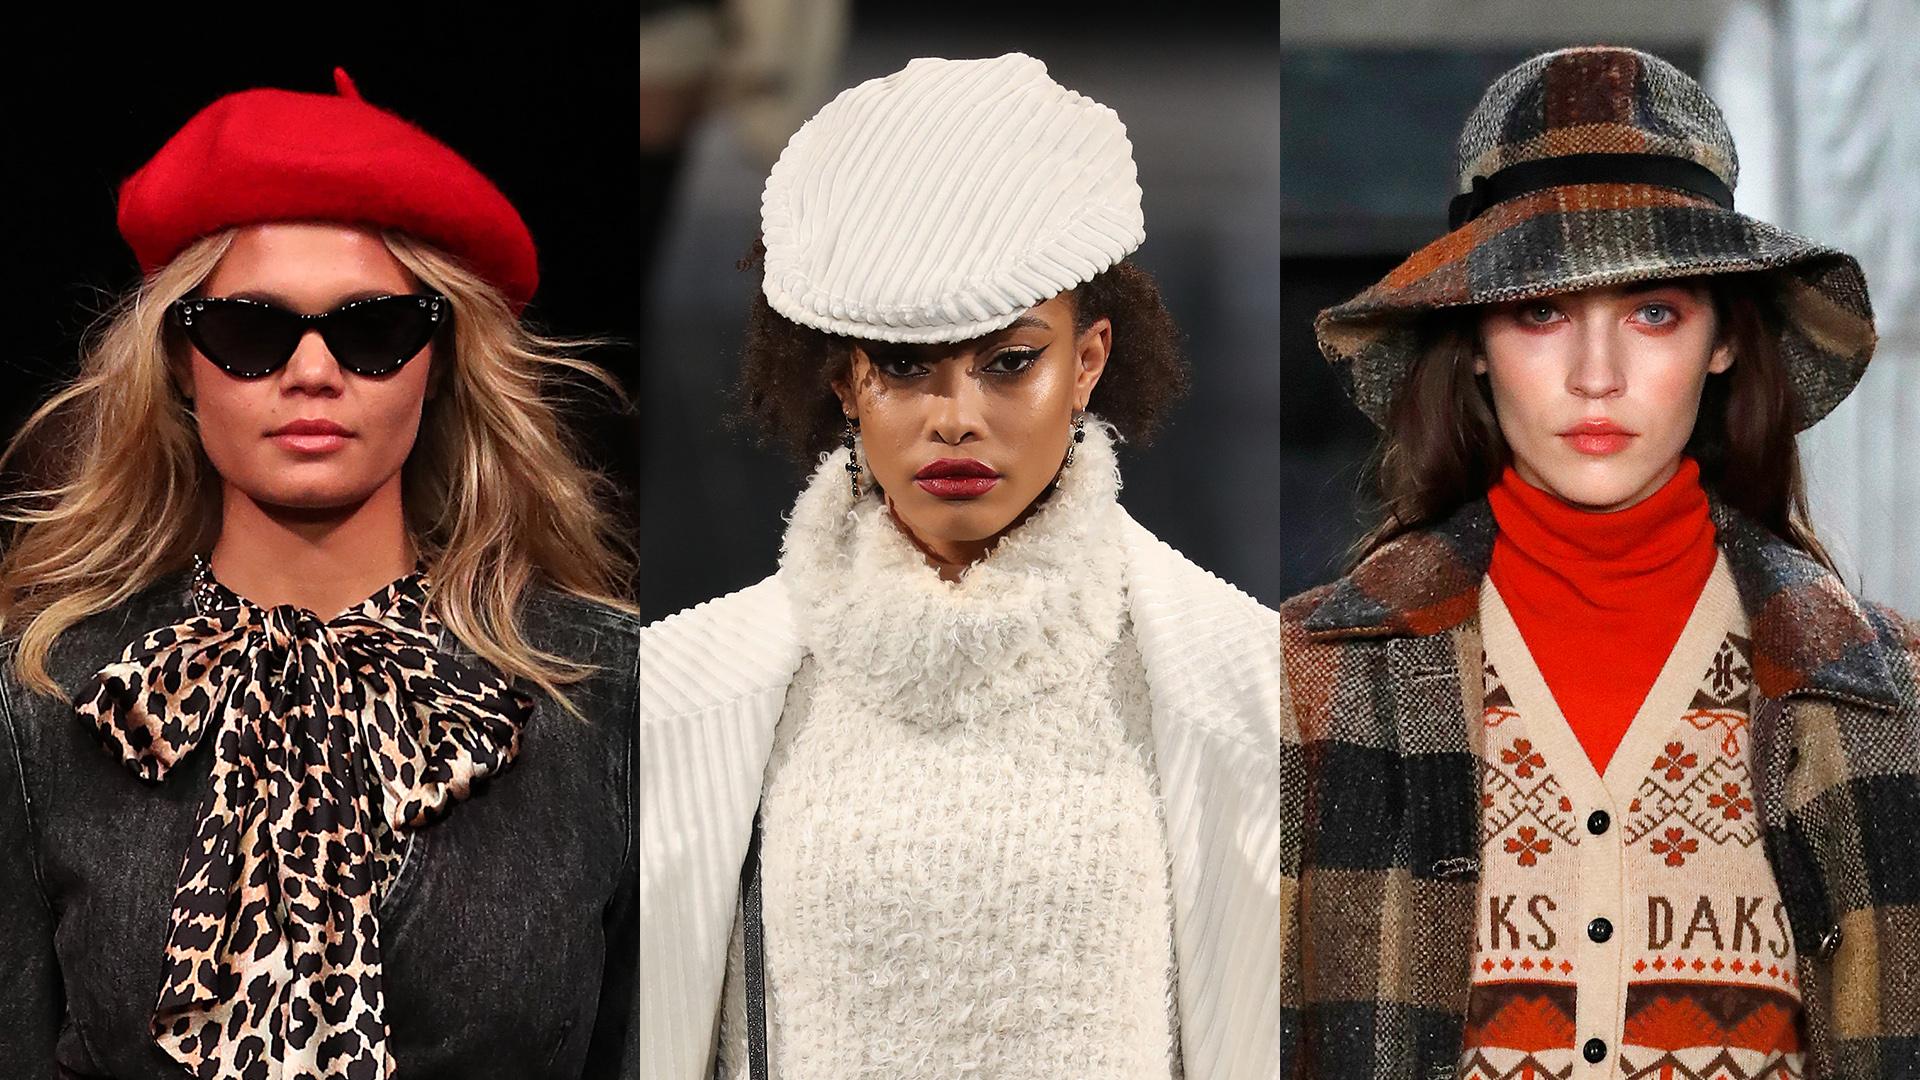 Sapka és kalapdivat 2020 ősz-tél